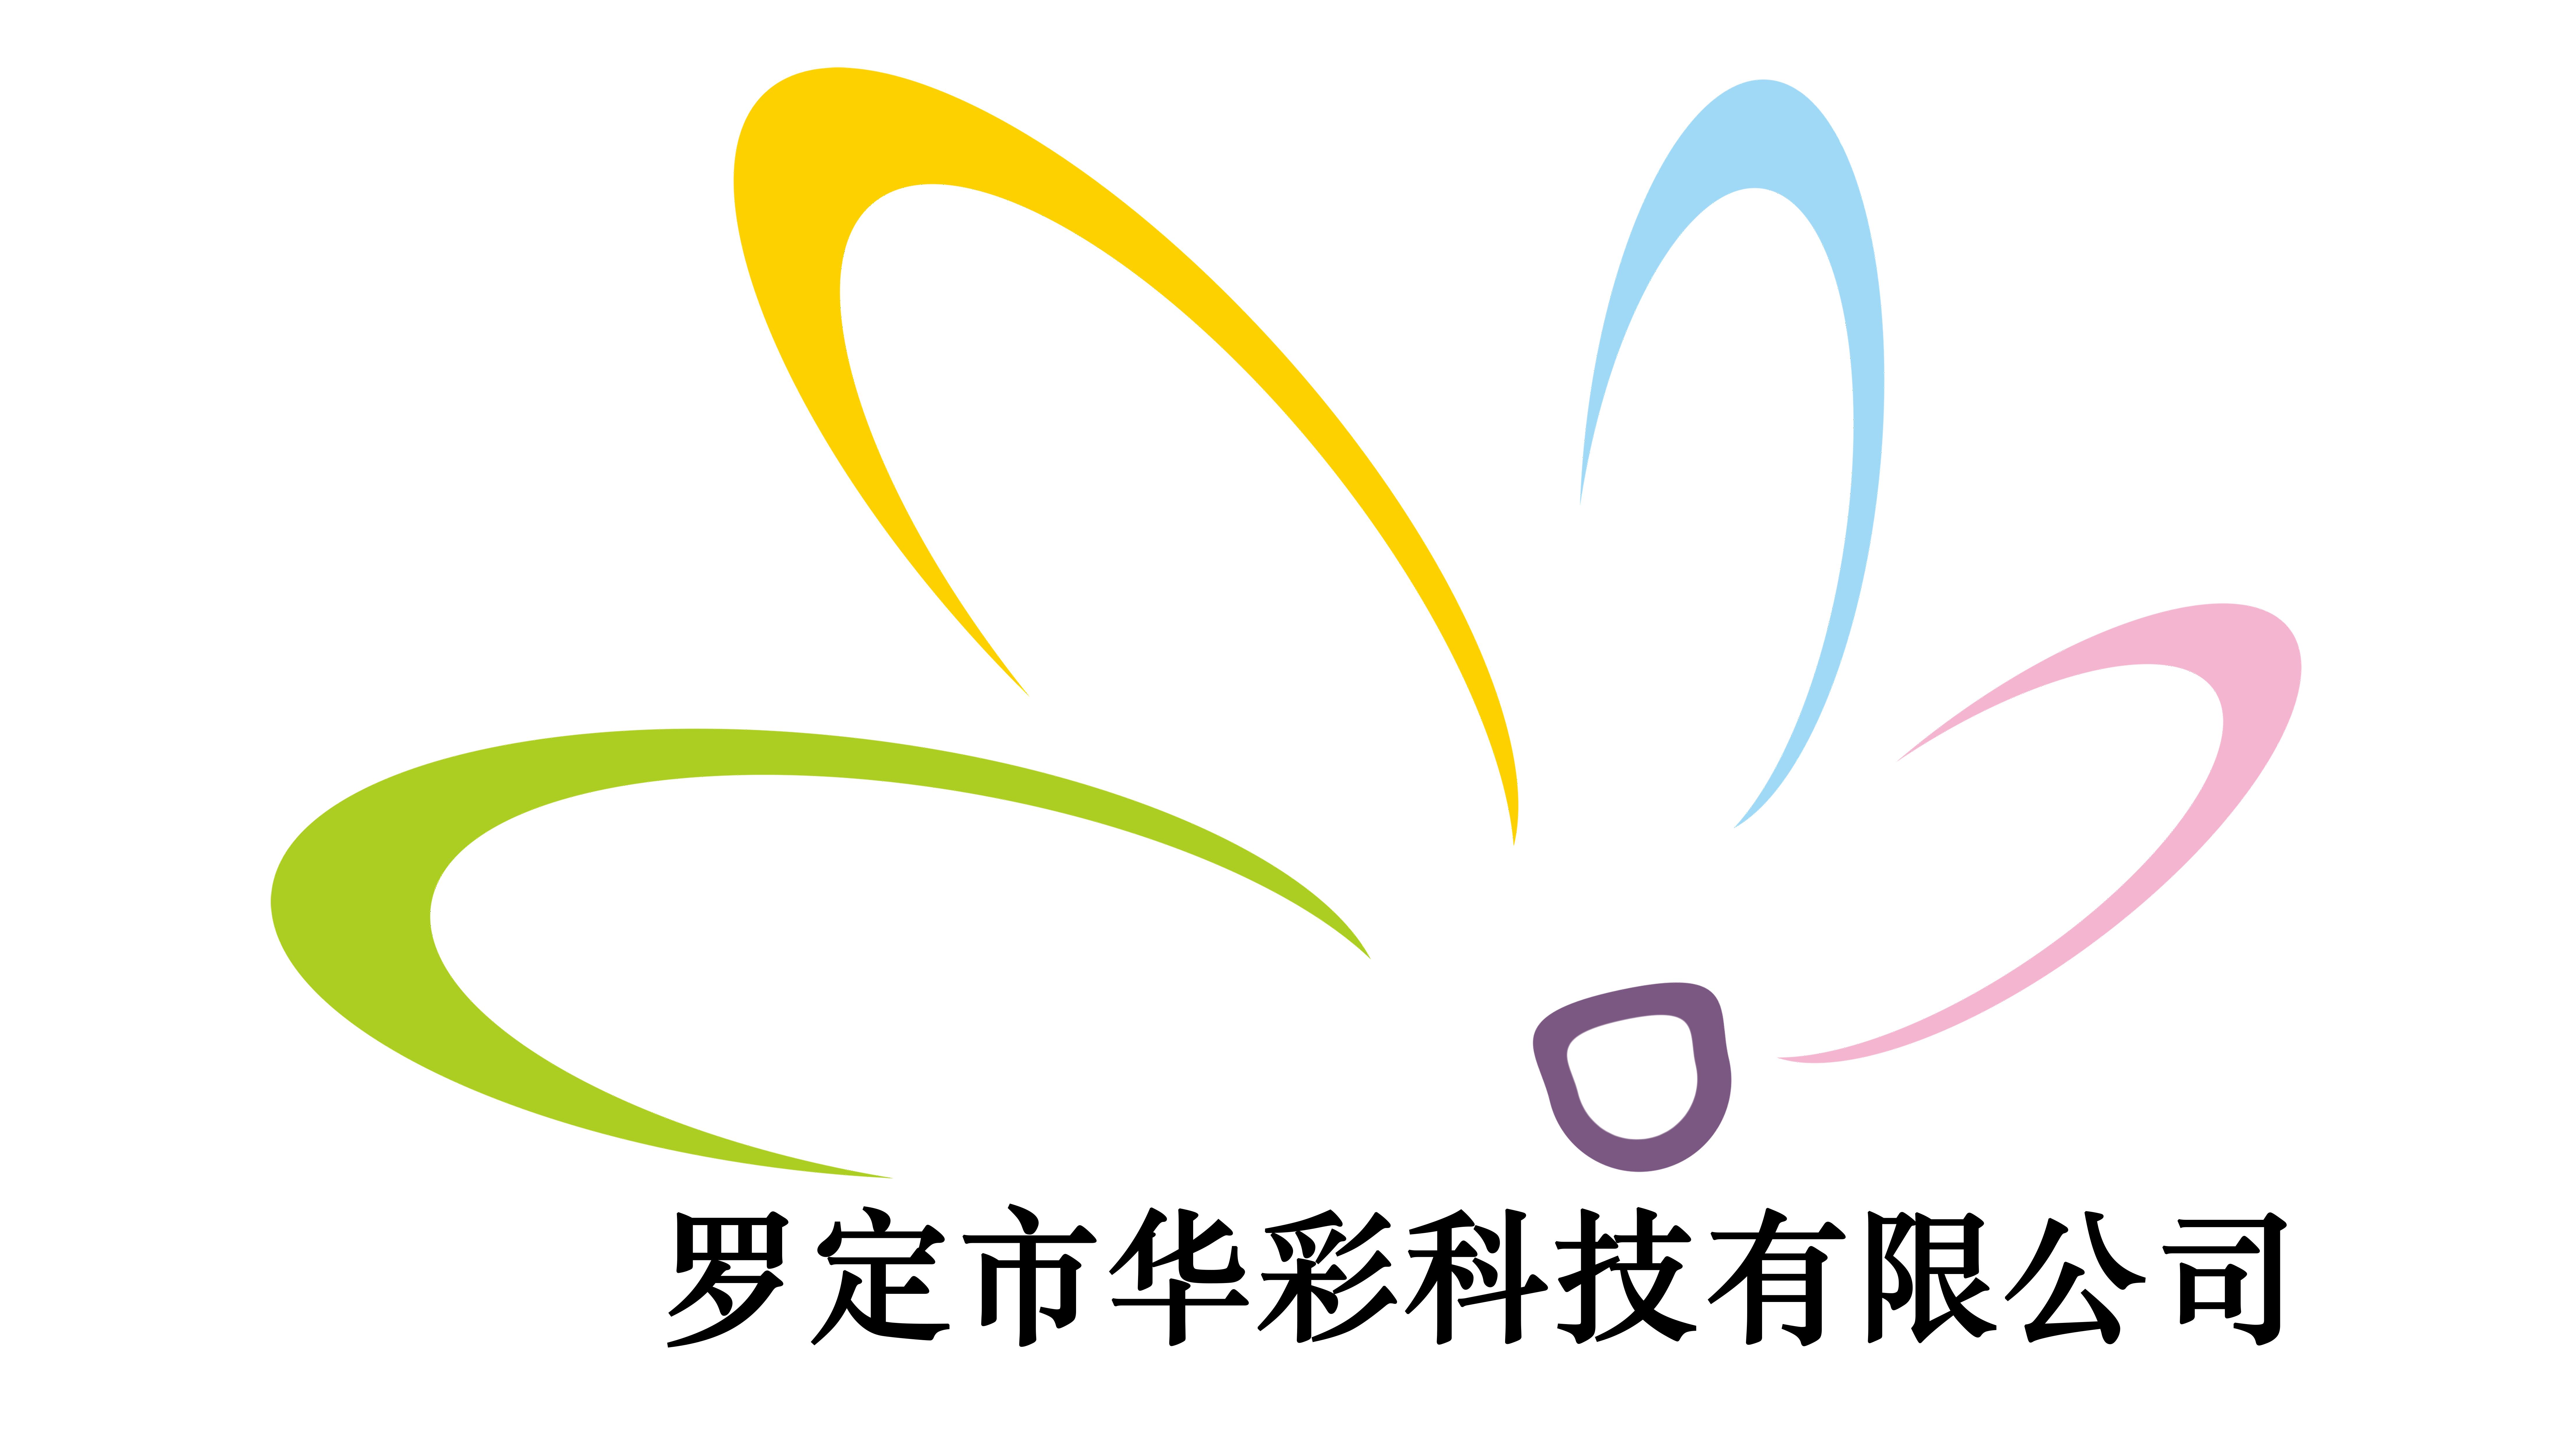 制卡材料專業供應商,華彩科技即將精彩亮相IOTE2020深圳國際物聯網展